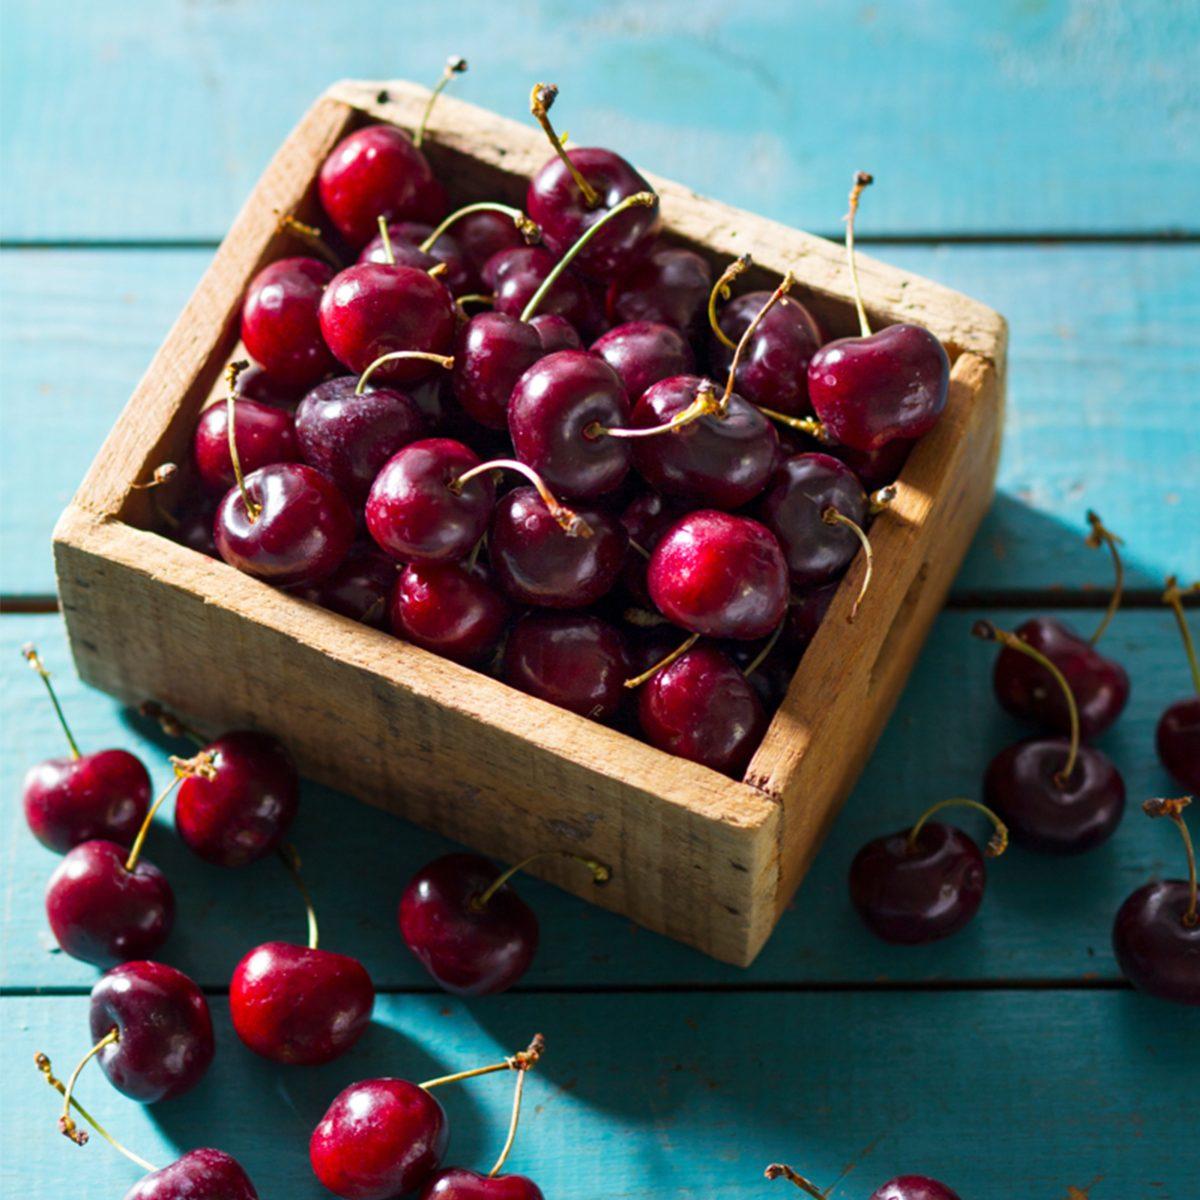 Cherries in Basket via Taste of Home